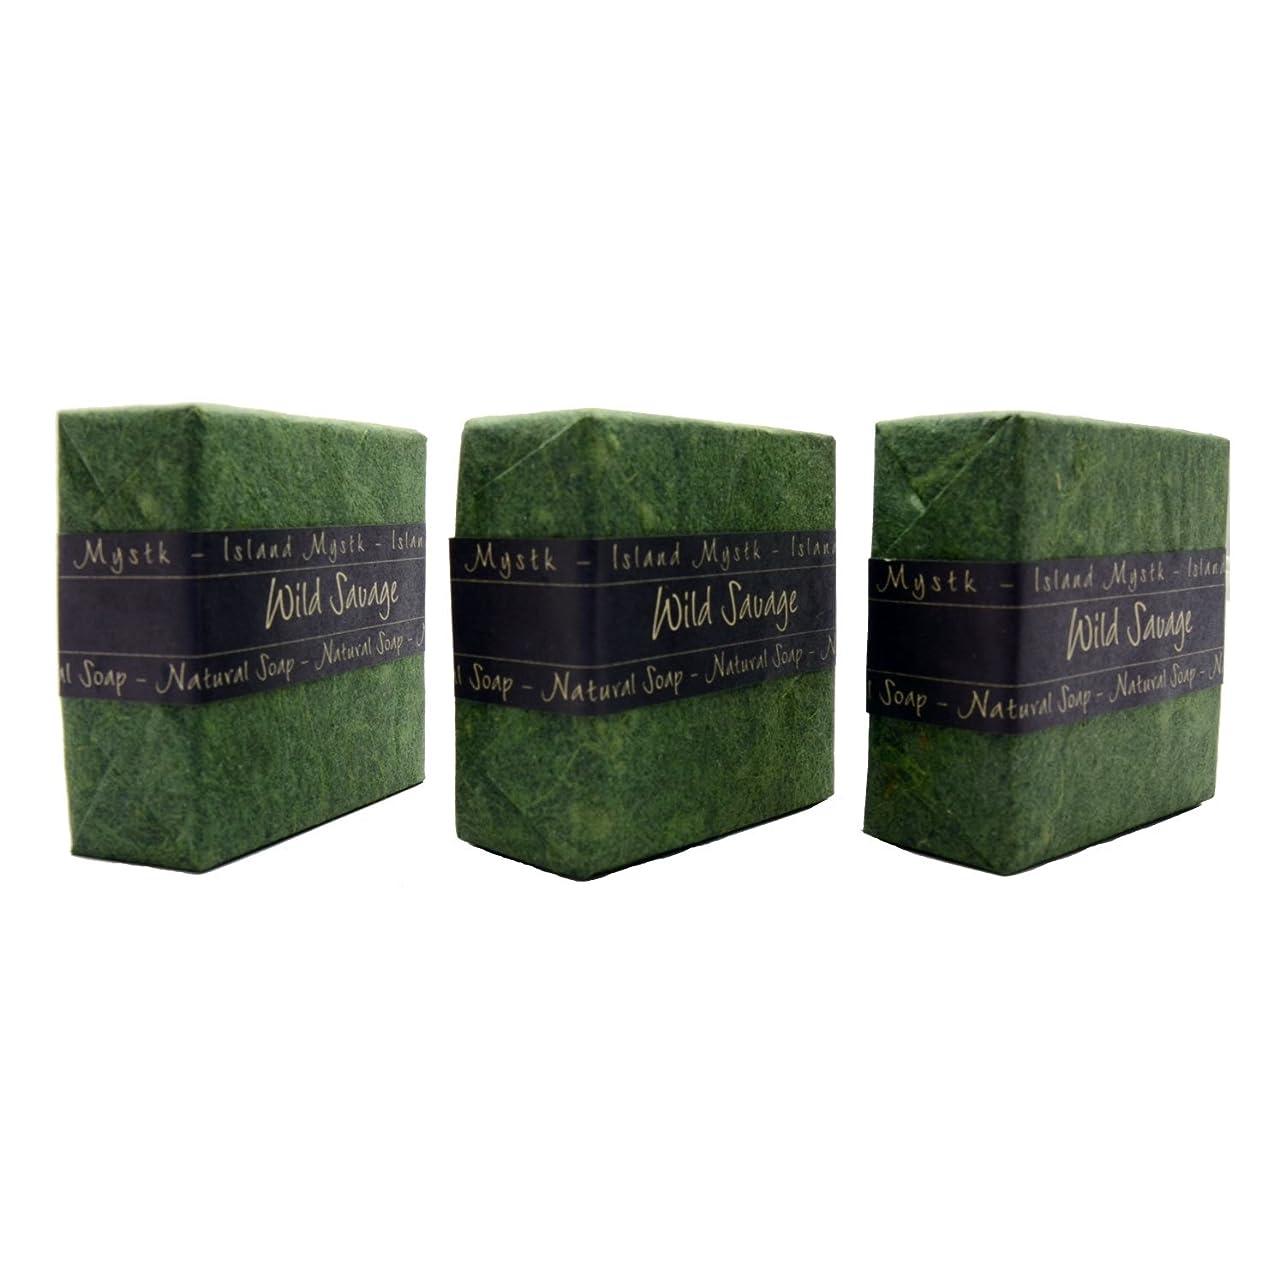 大声で分岐するセンブランスアイランドミスティック ワイルドサーヴェージ 3個セット 115g×3 ココナッツ石鹸 バリ島 Island Mystk 天然素材100% 無添加 オーガニック